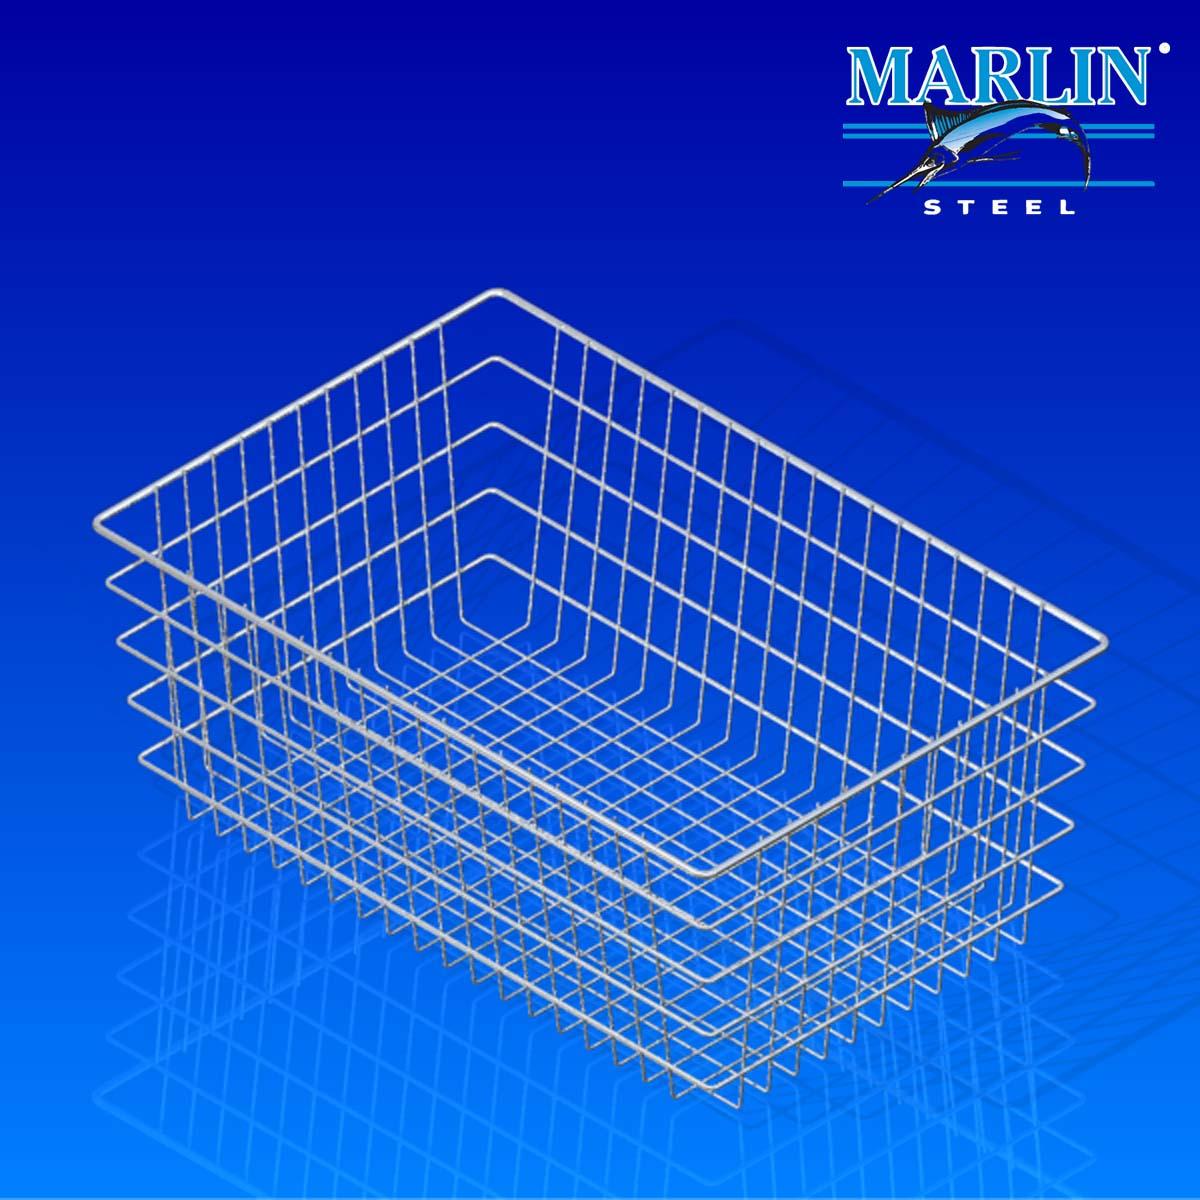 Marlin Steel Wire Basket 842001